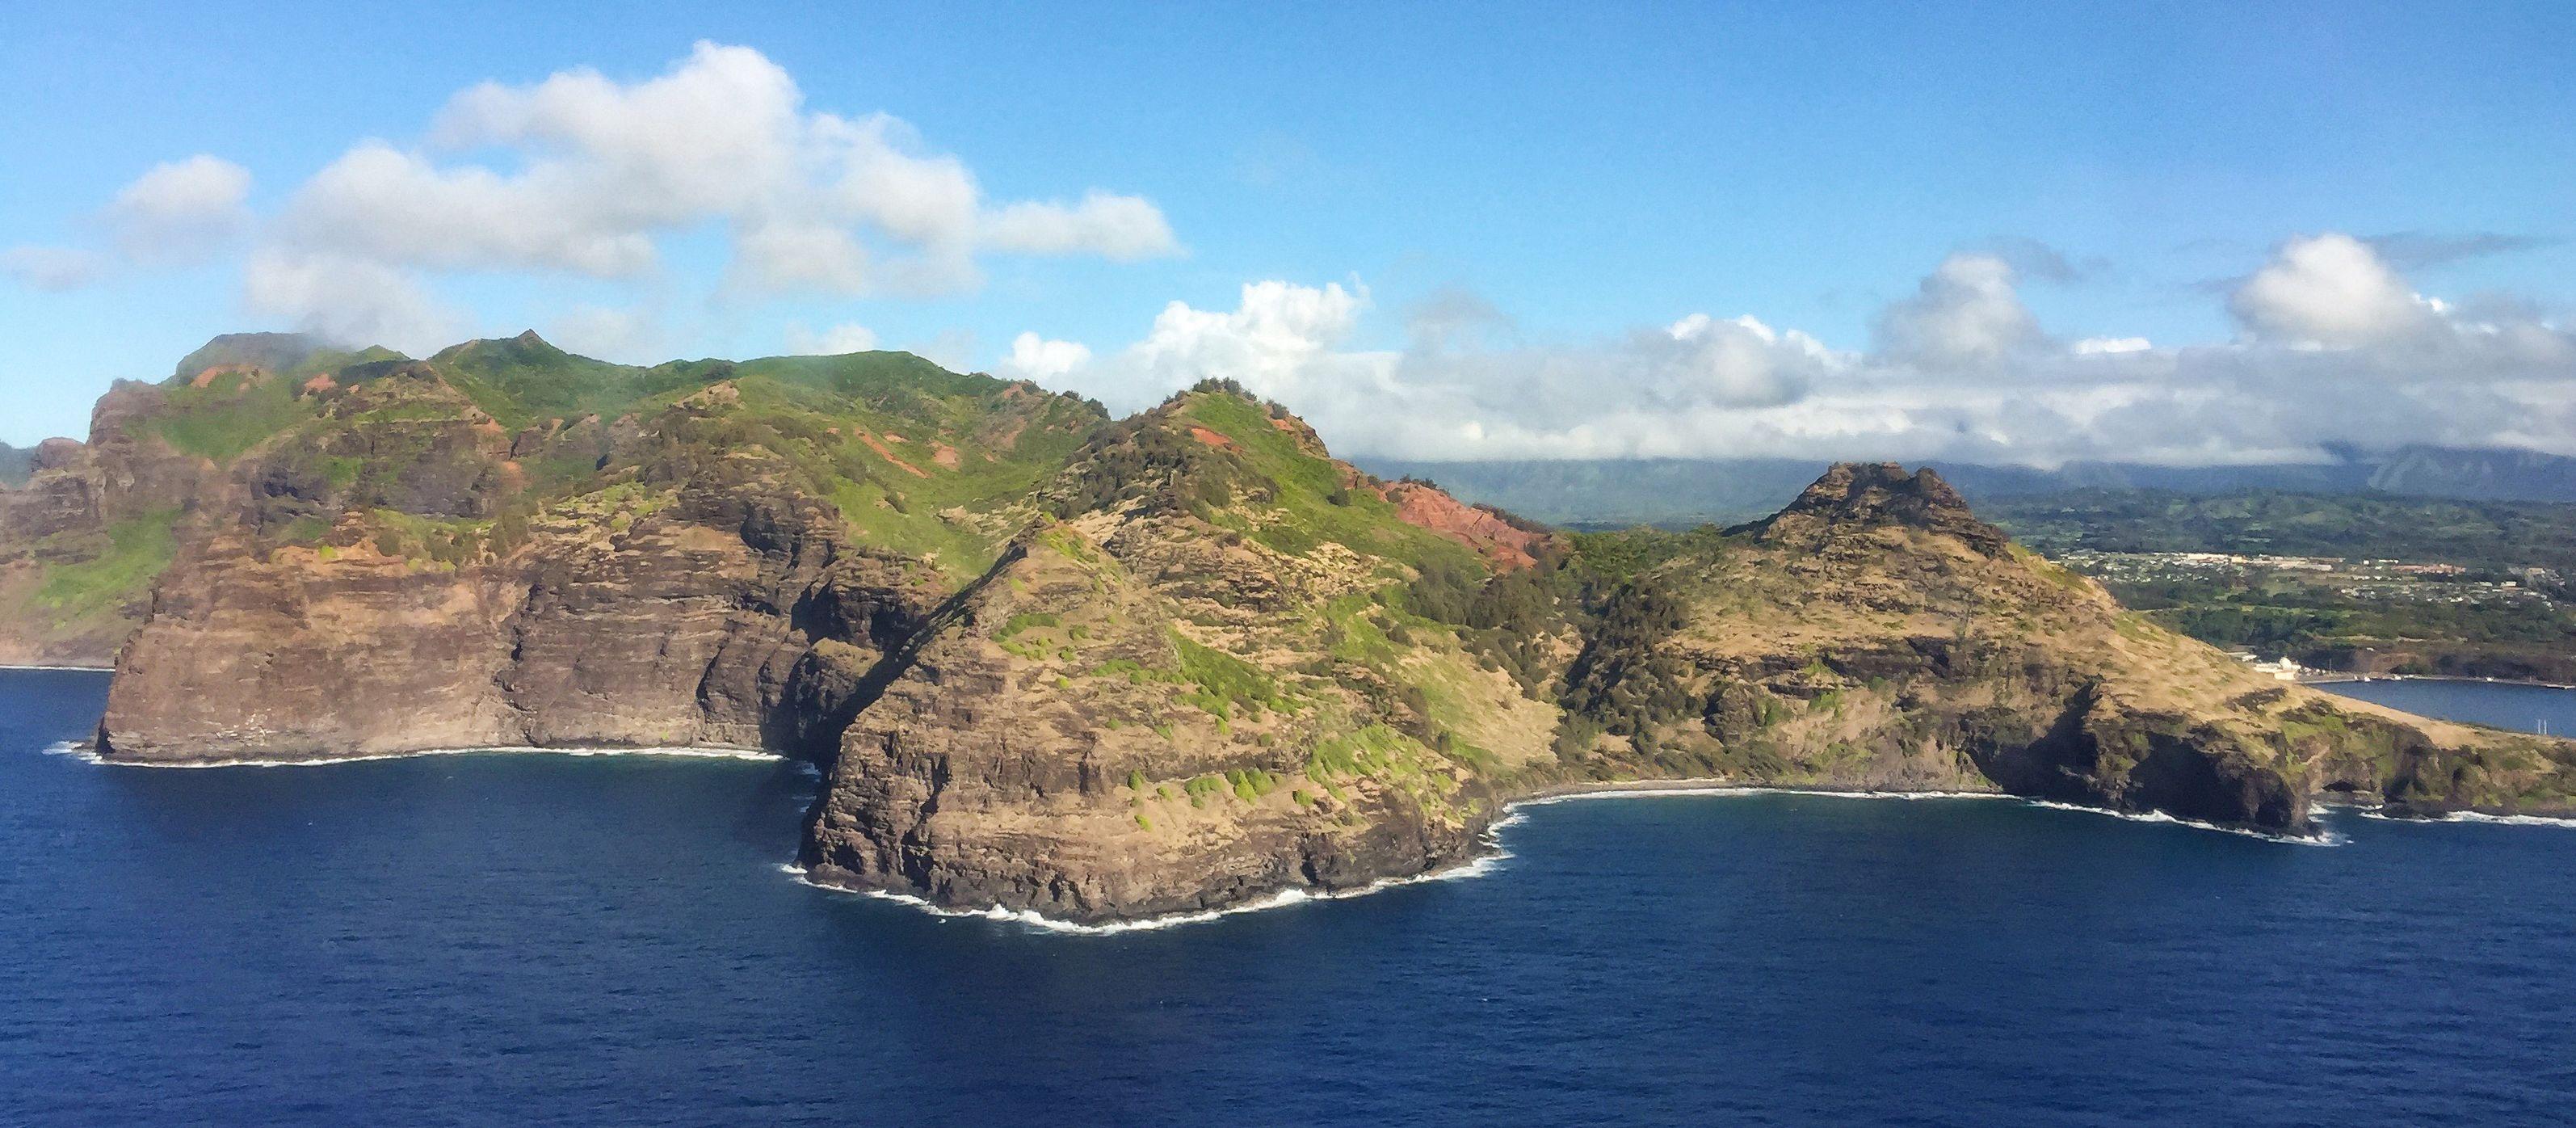 Der Blick auf die Insel Kauai